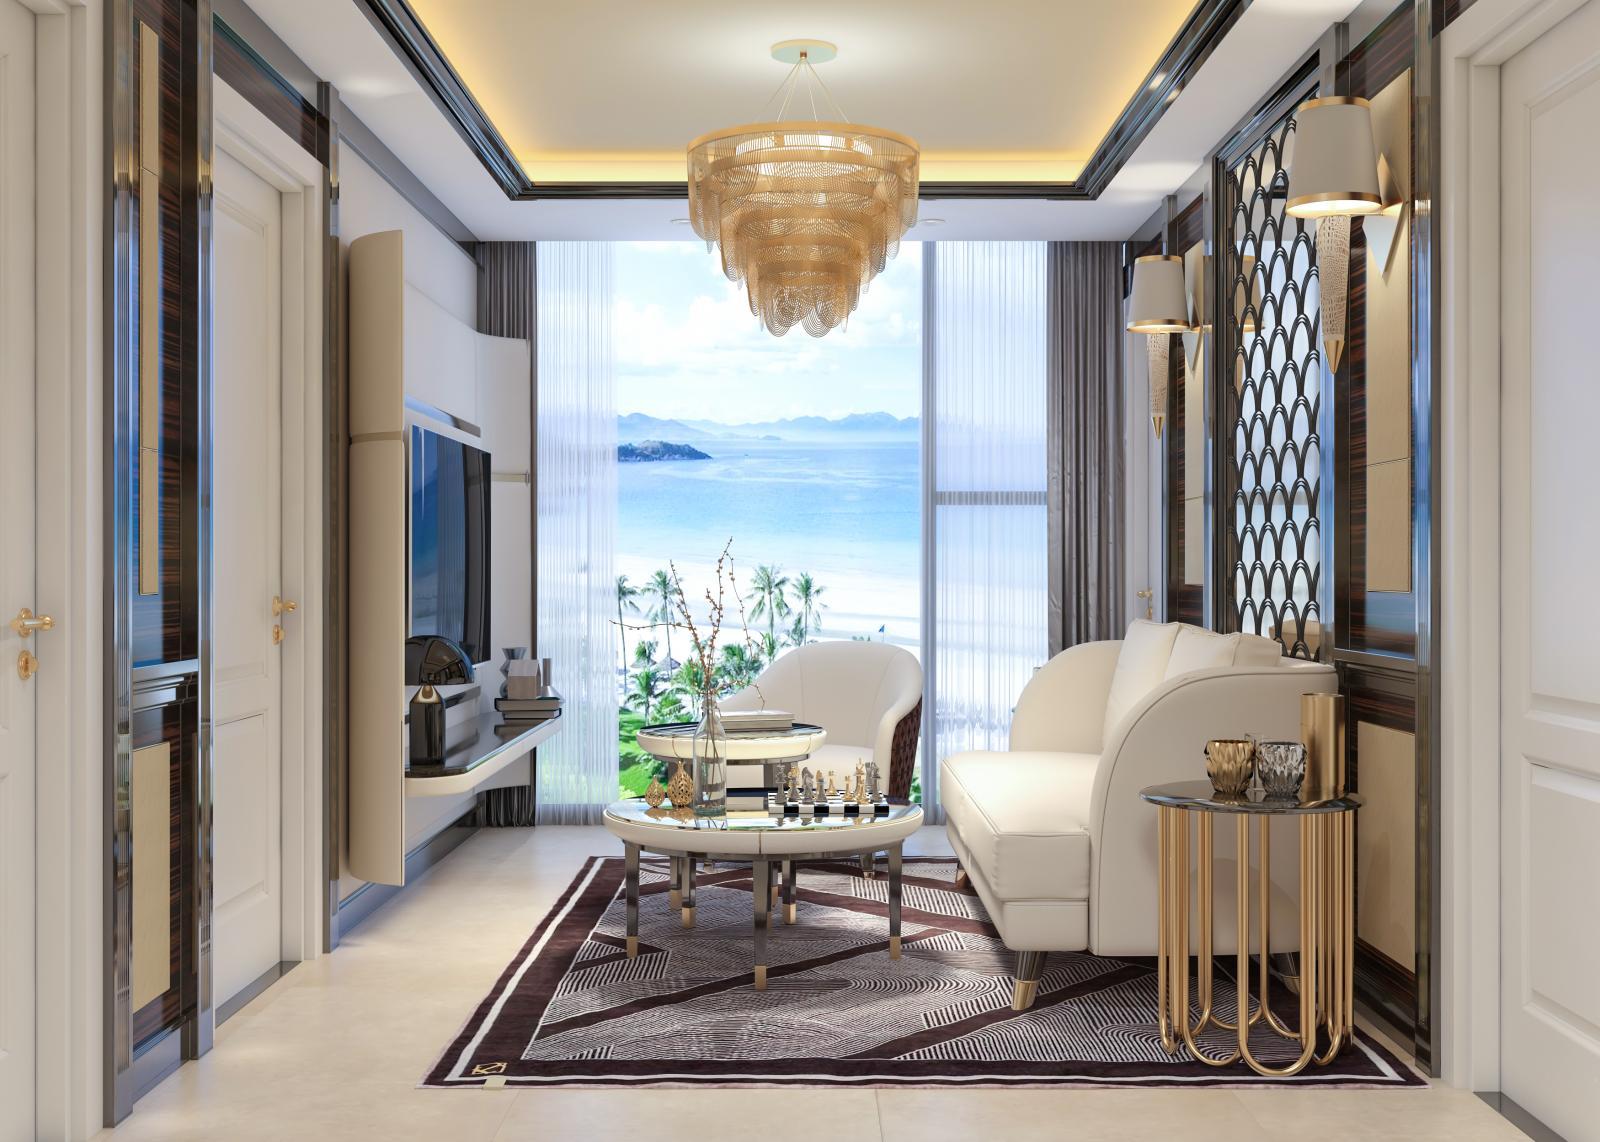 Một góc căn hộ với bộ bàn ghế màu kem kê sát ban công, view thẳng ra biển